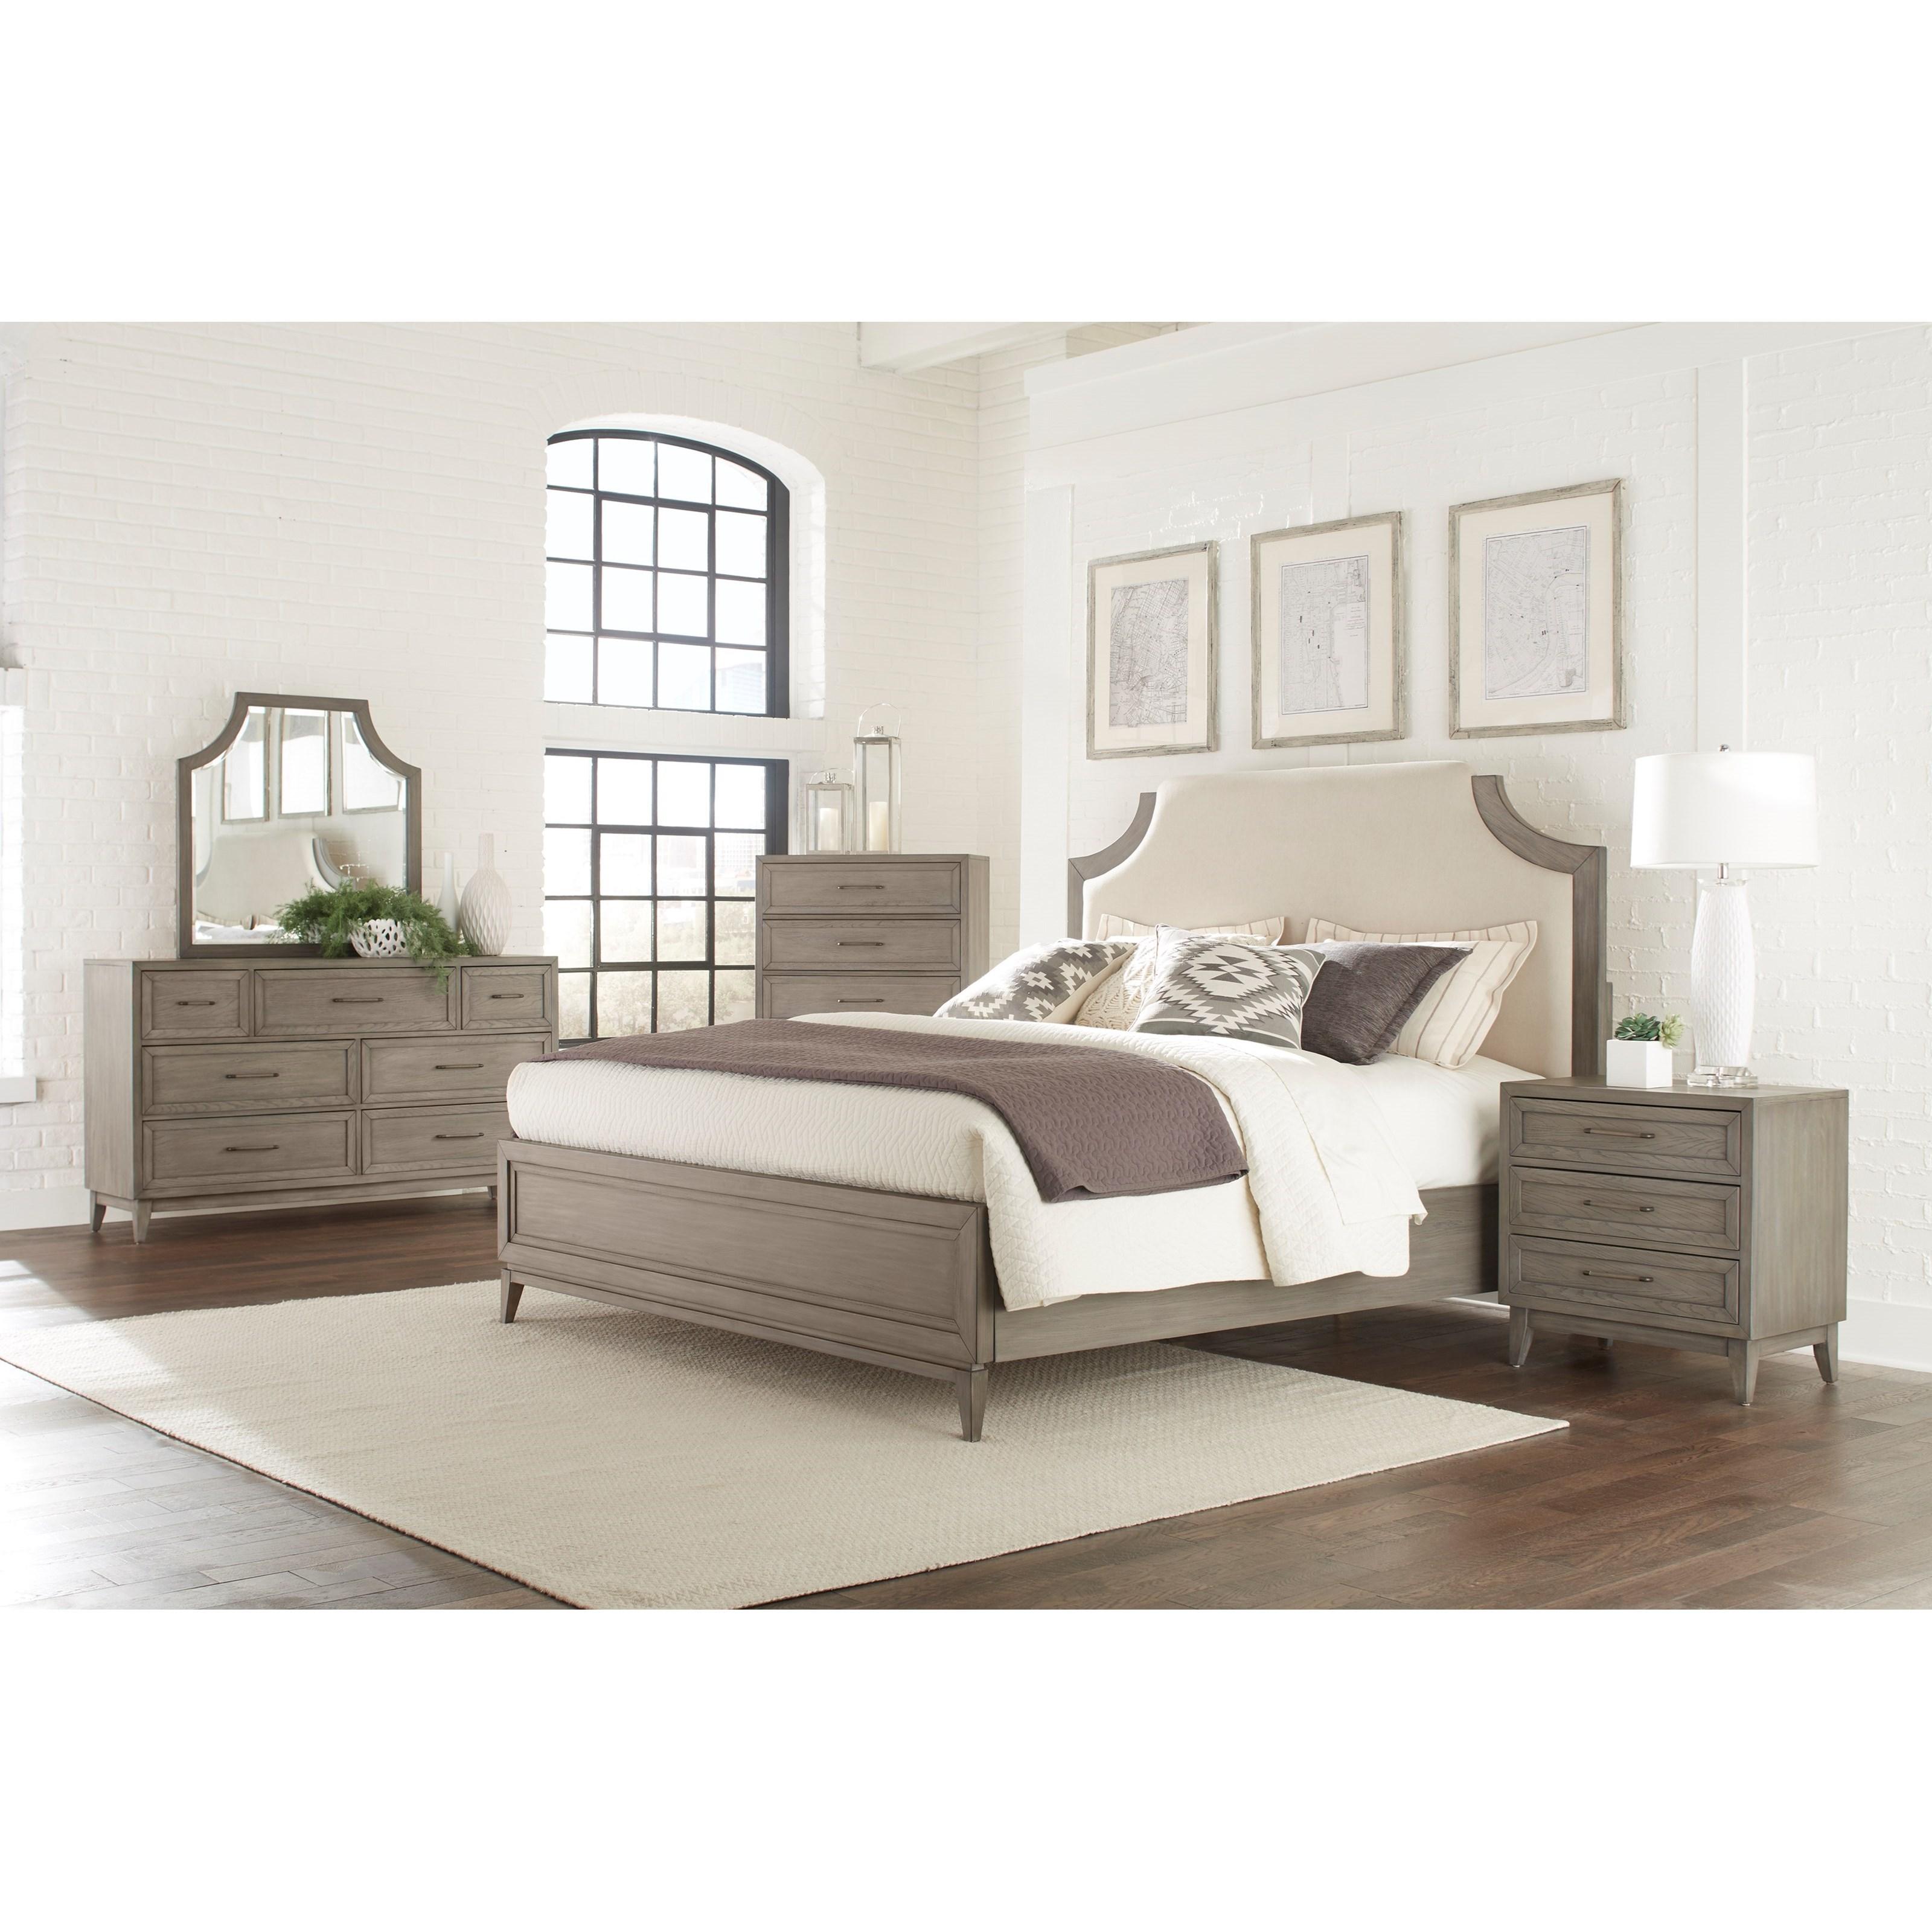 Vogue King Bedroom Group 4 by Riverside Furniture at Mueller Furniture